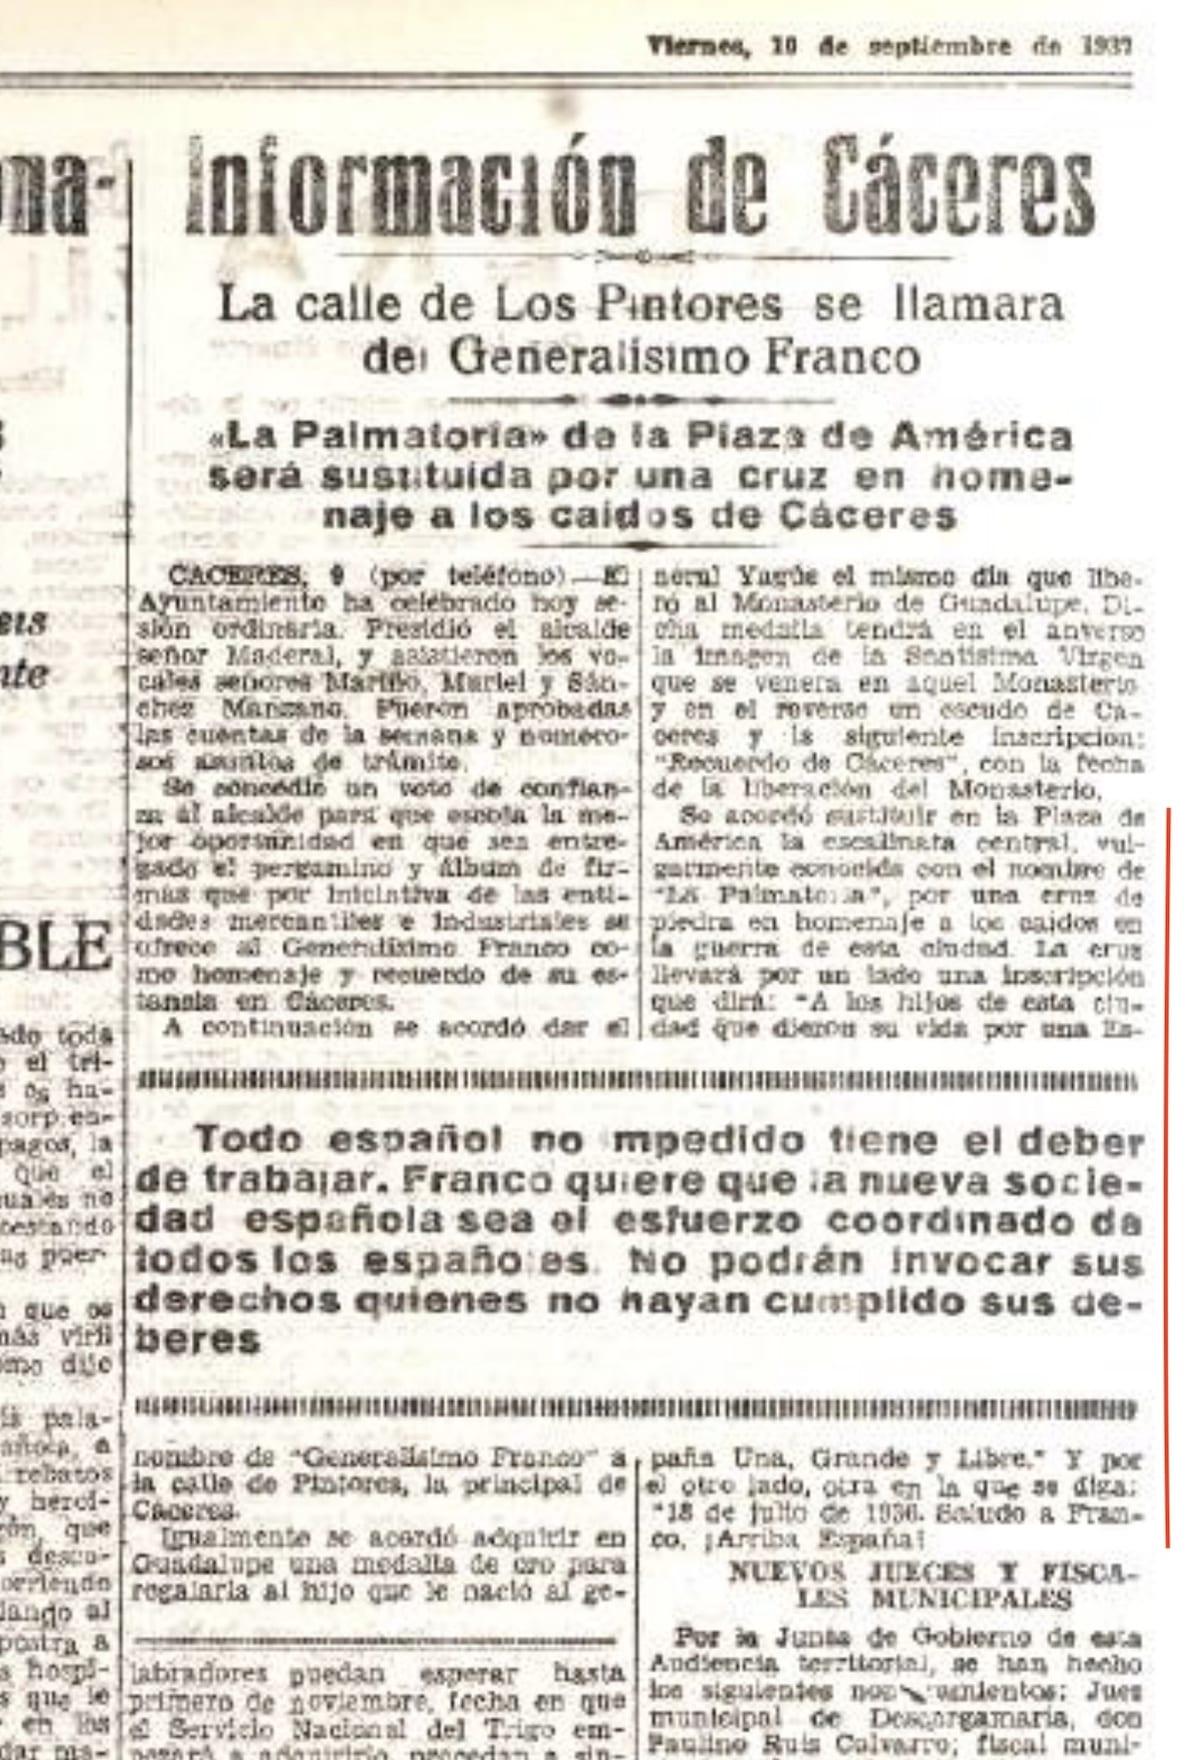 1937 - Acuerdo municipal